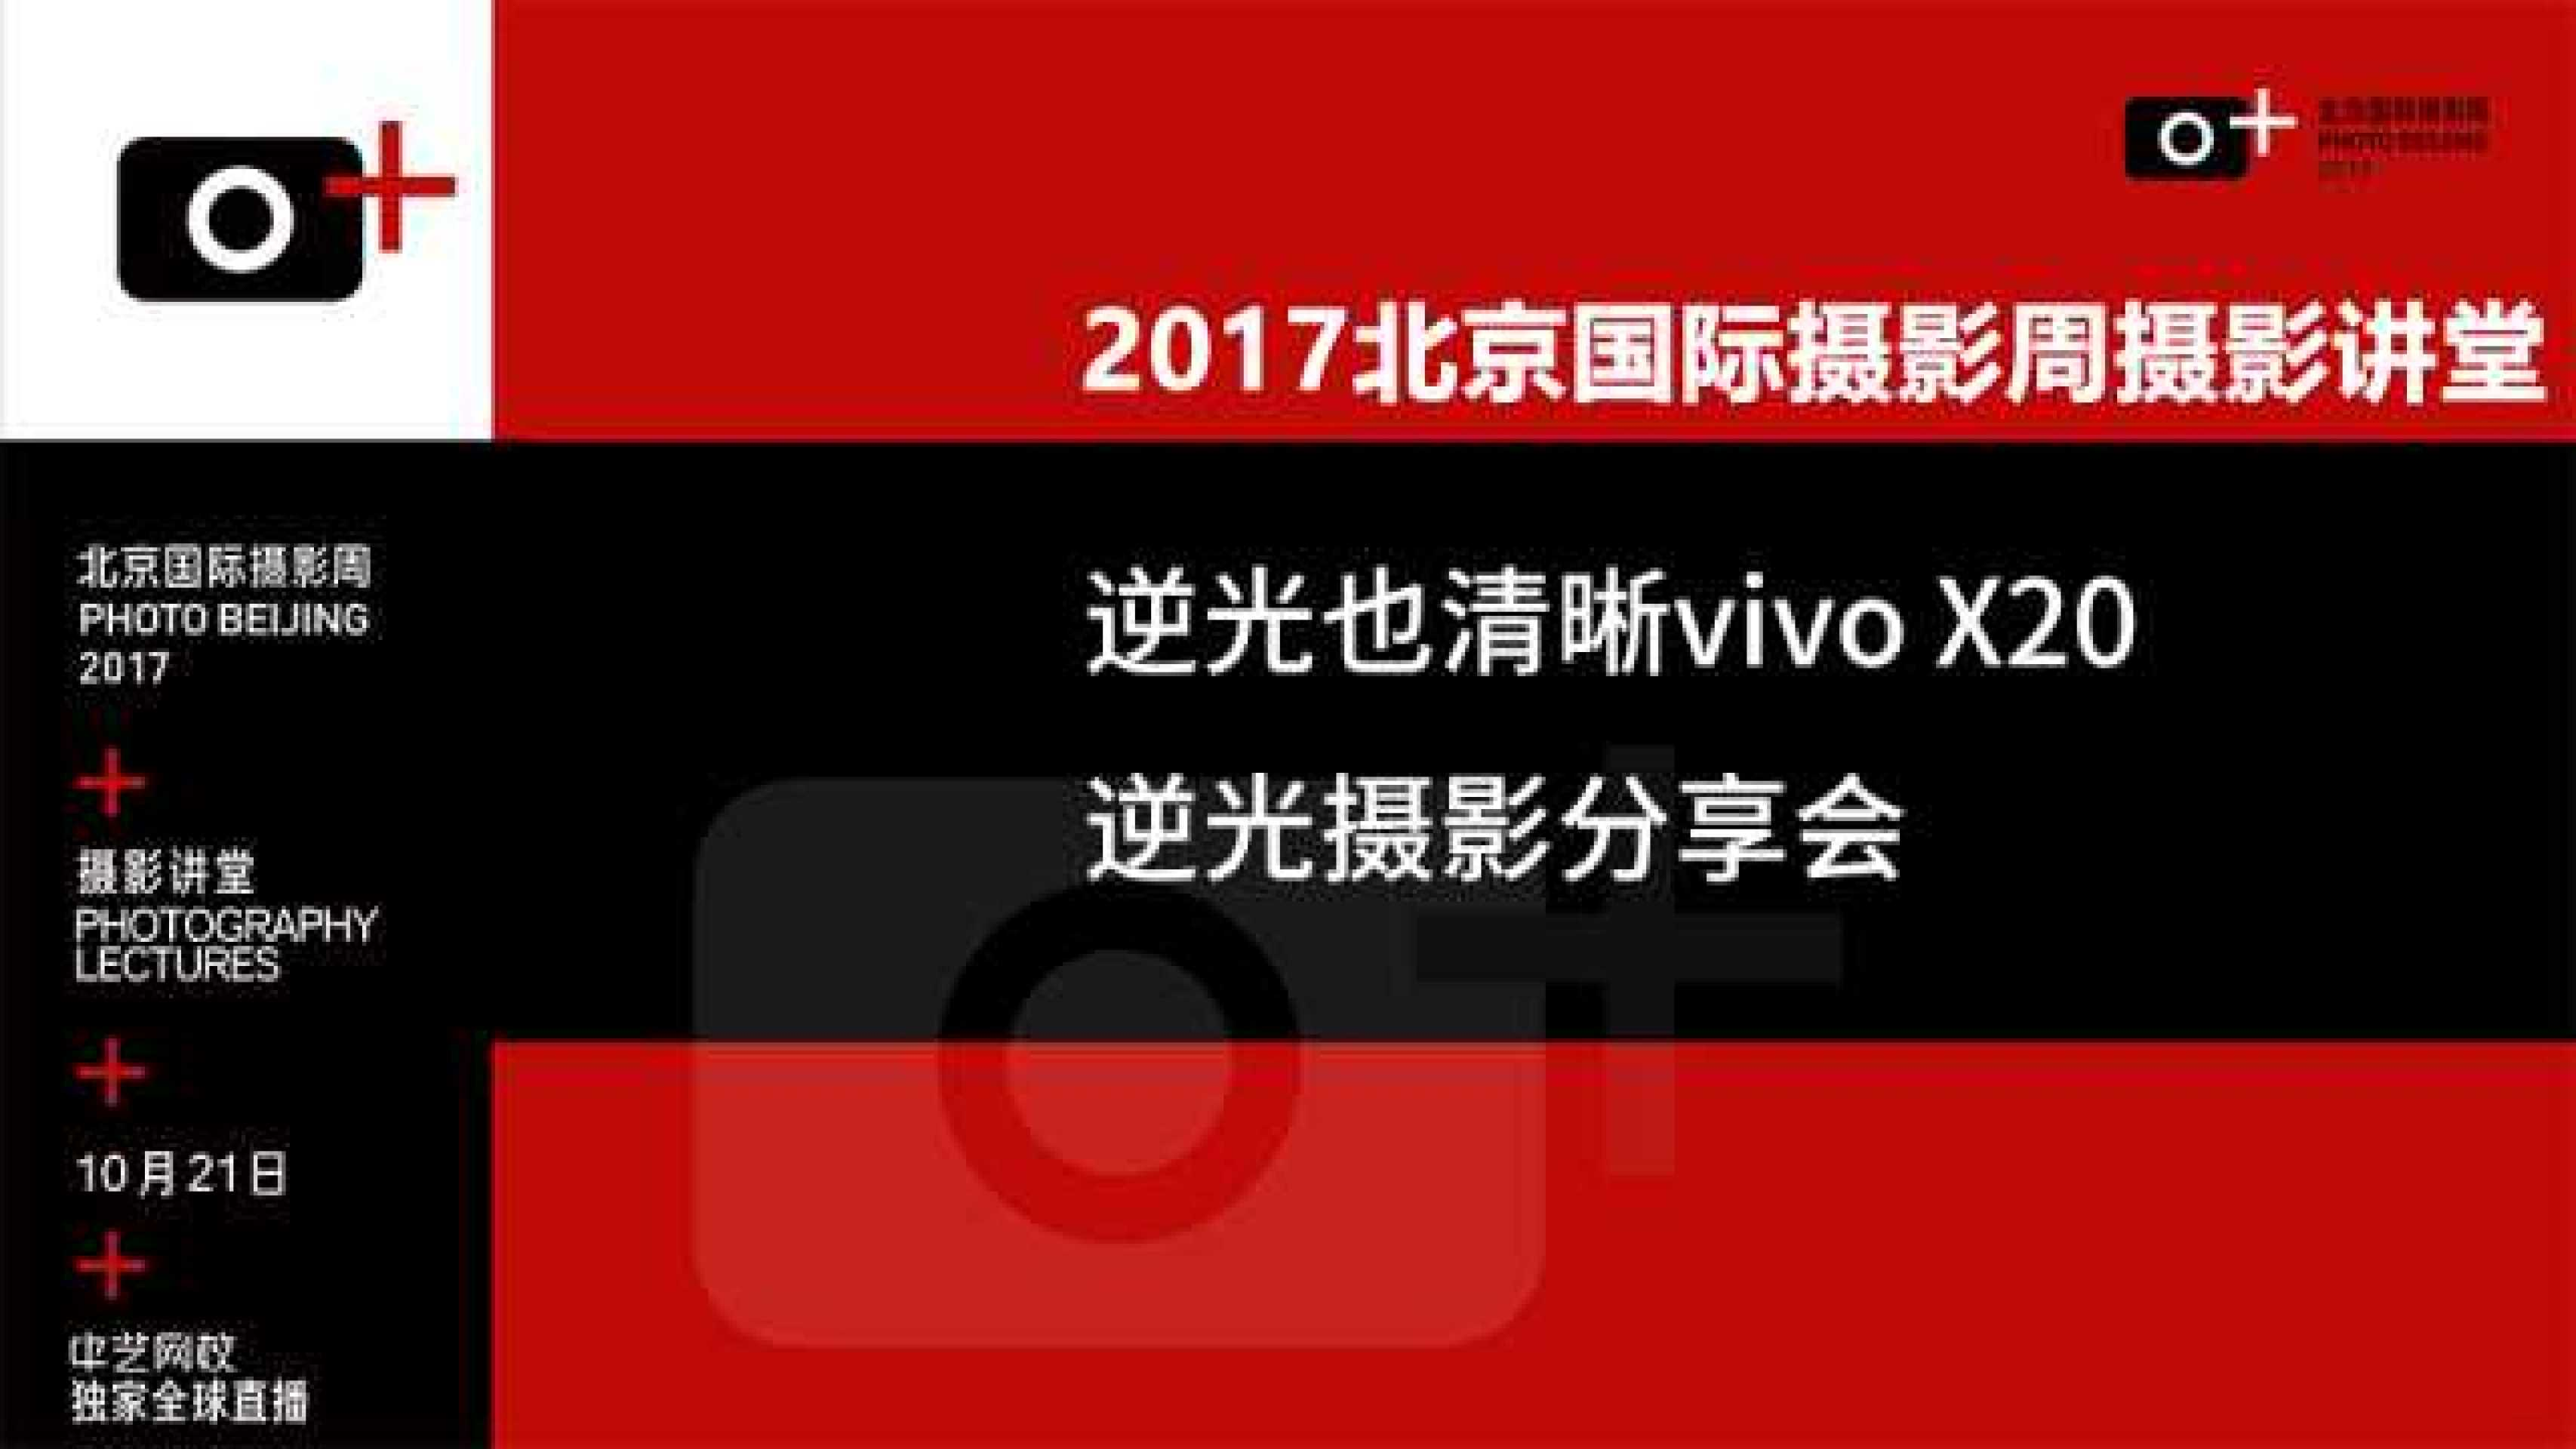 2017北京国际摄影周:逆光也清晰vivo X20逆光摄影分享会